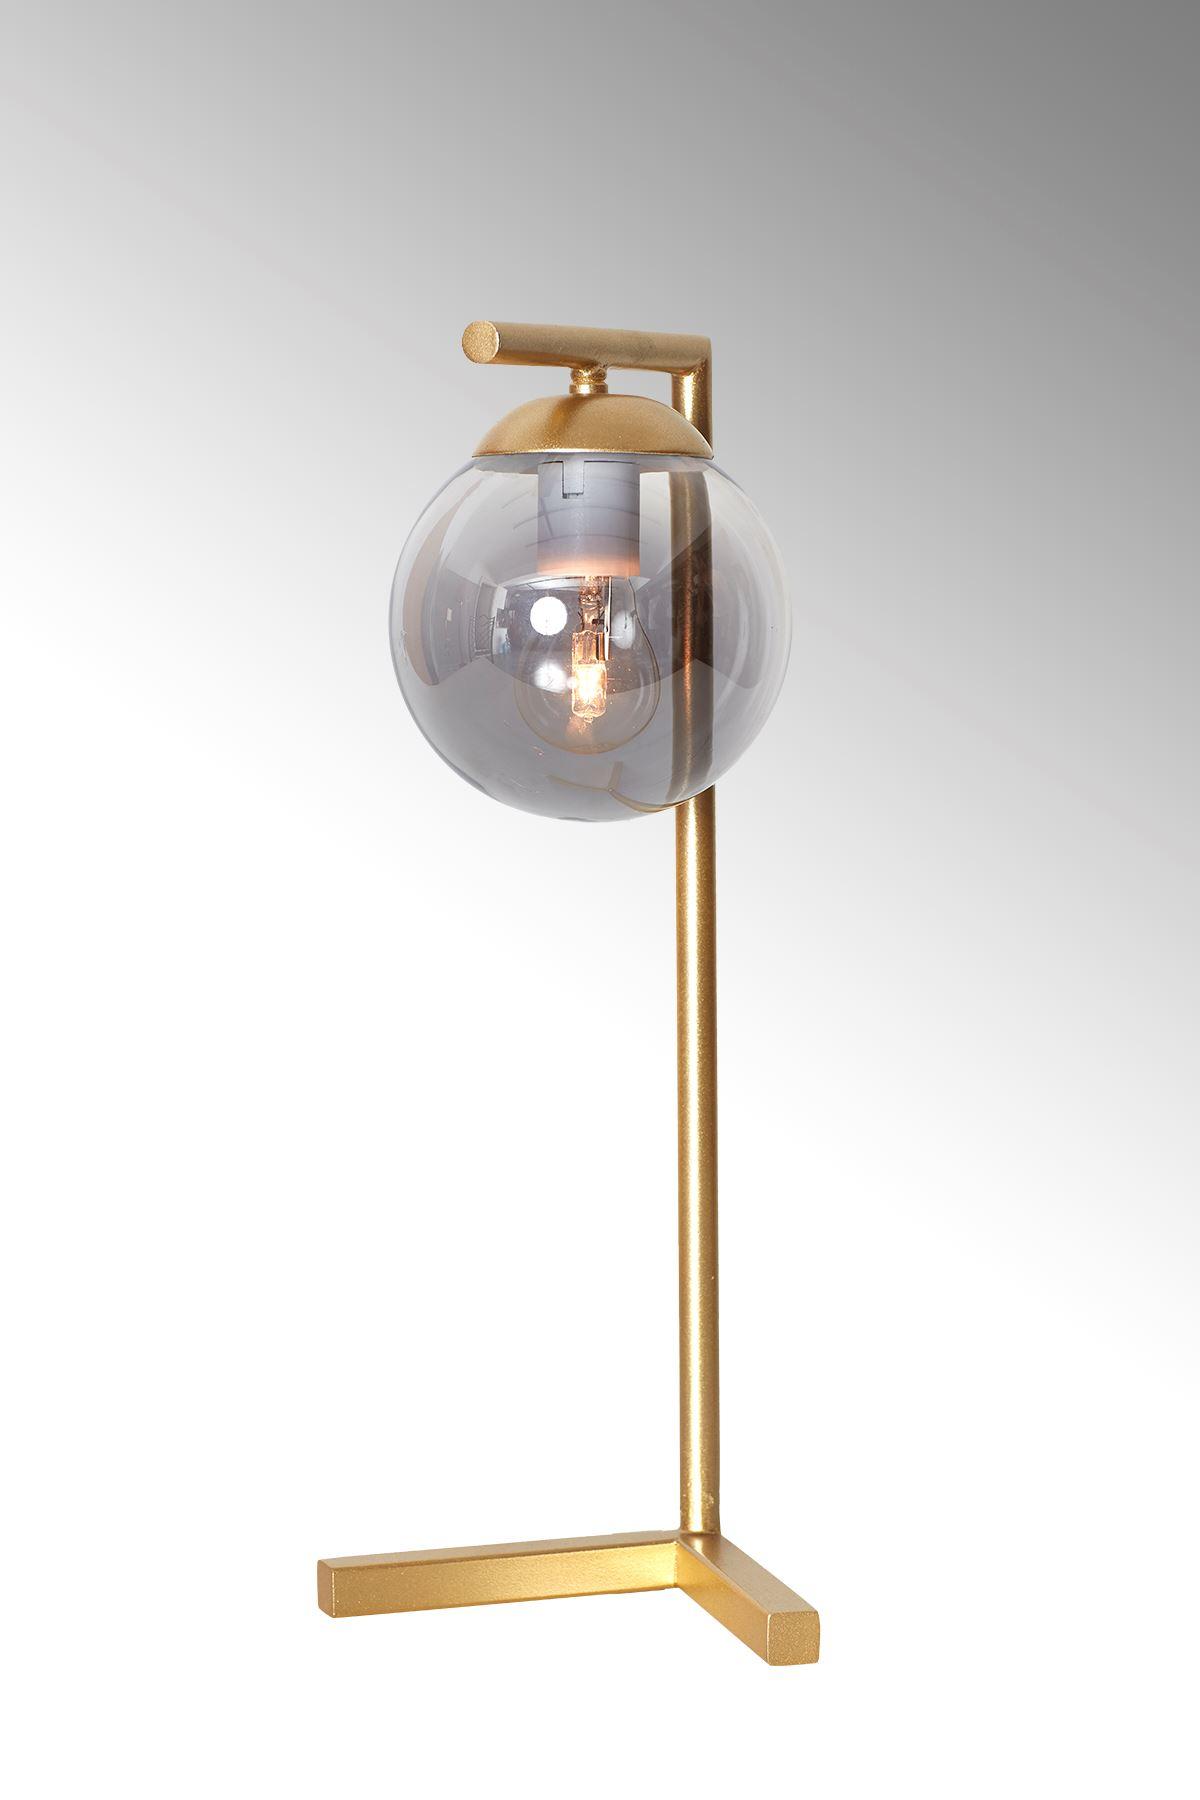 Linda Sarı Metal Gövde Füme Camlı Tasarım Lüx Masa Lambası